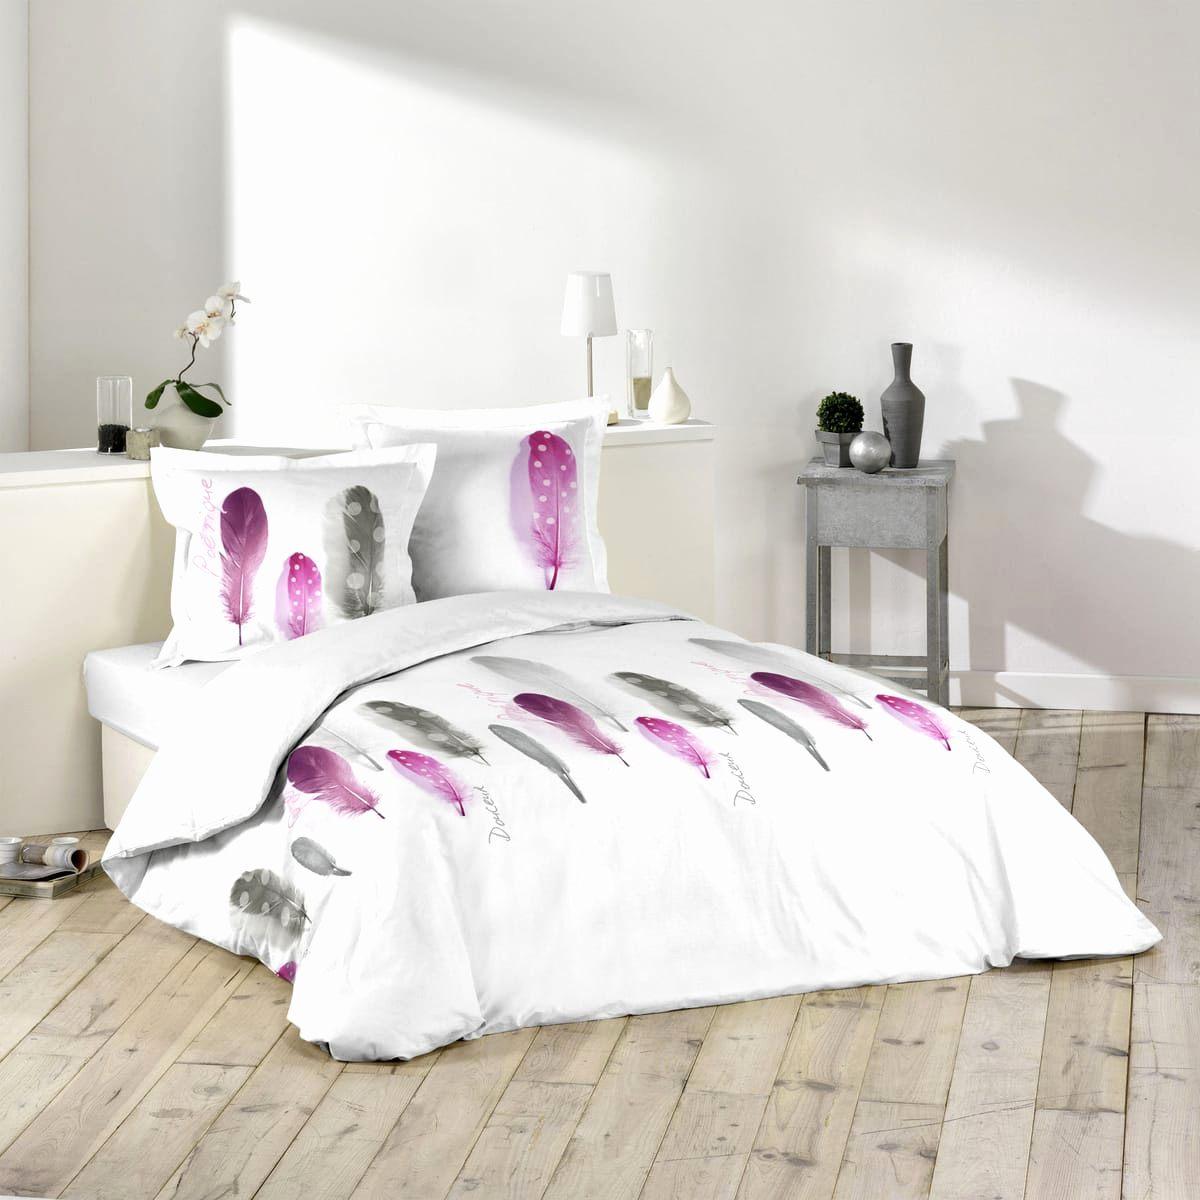 Couette Pour Lit 160×200 Impressionnant Couette Pour Lit 160—200 Ikea Luxe Couette Pour Lit 160—200 Ikea